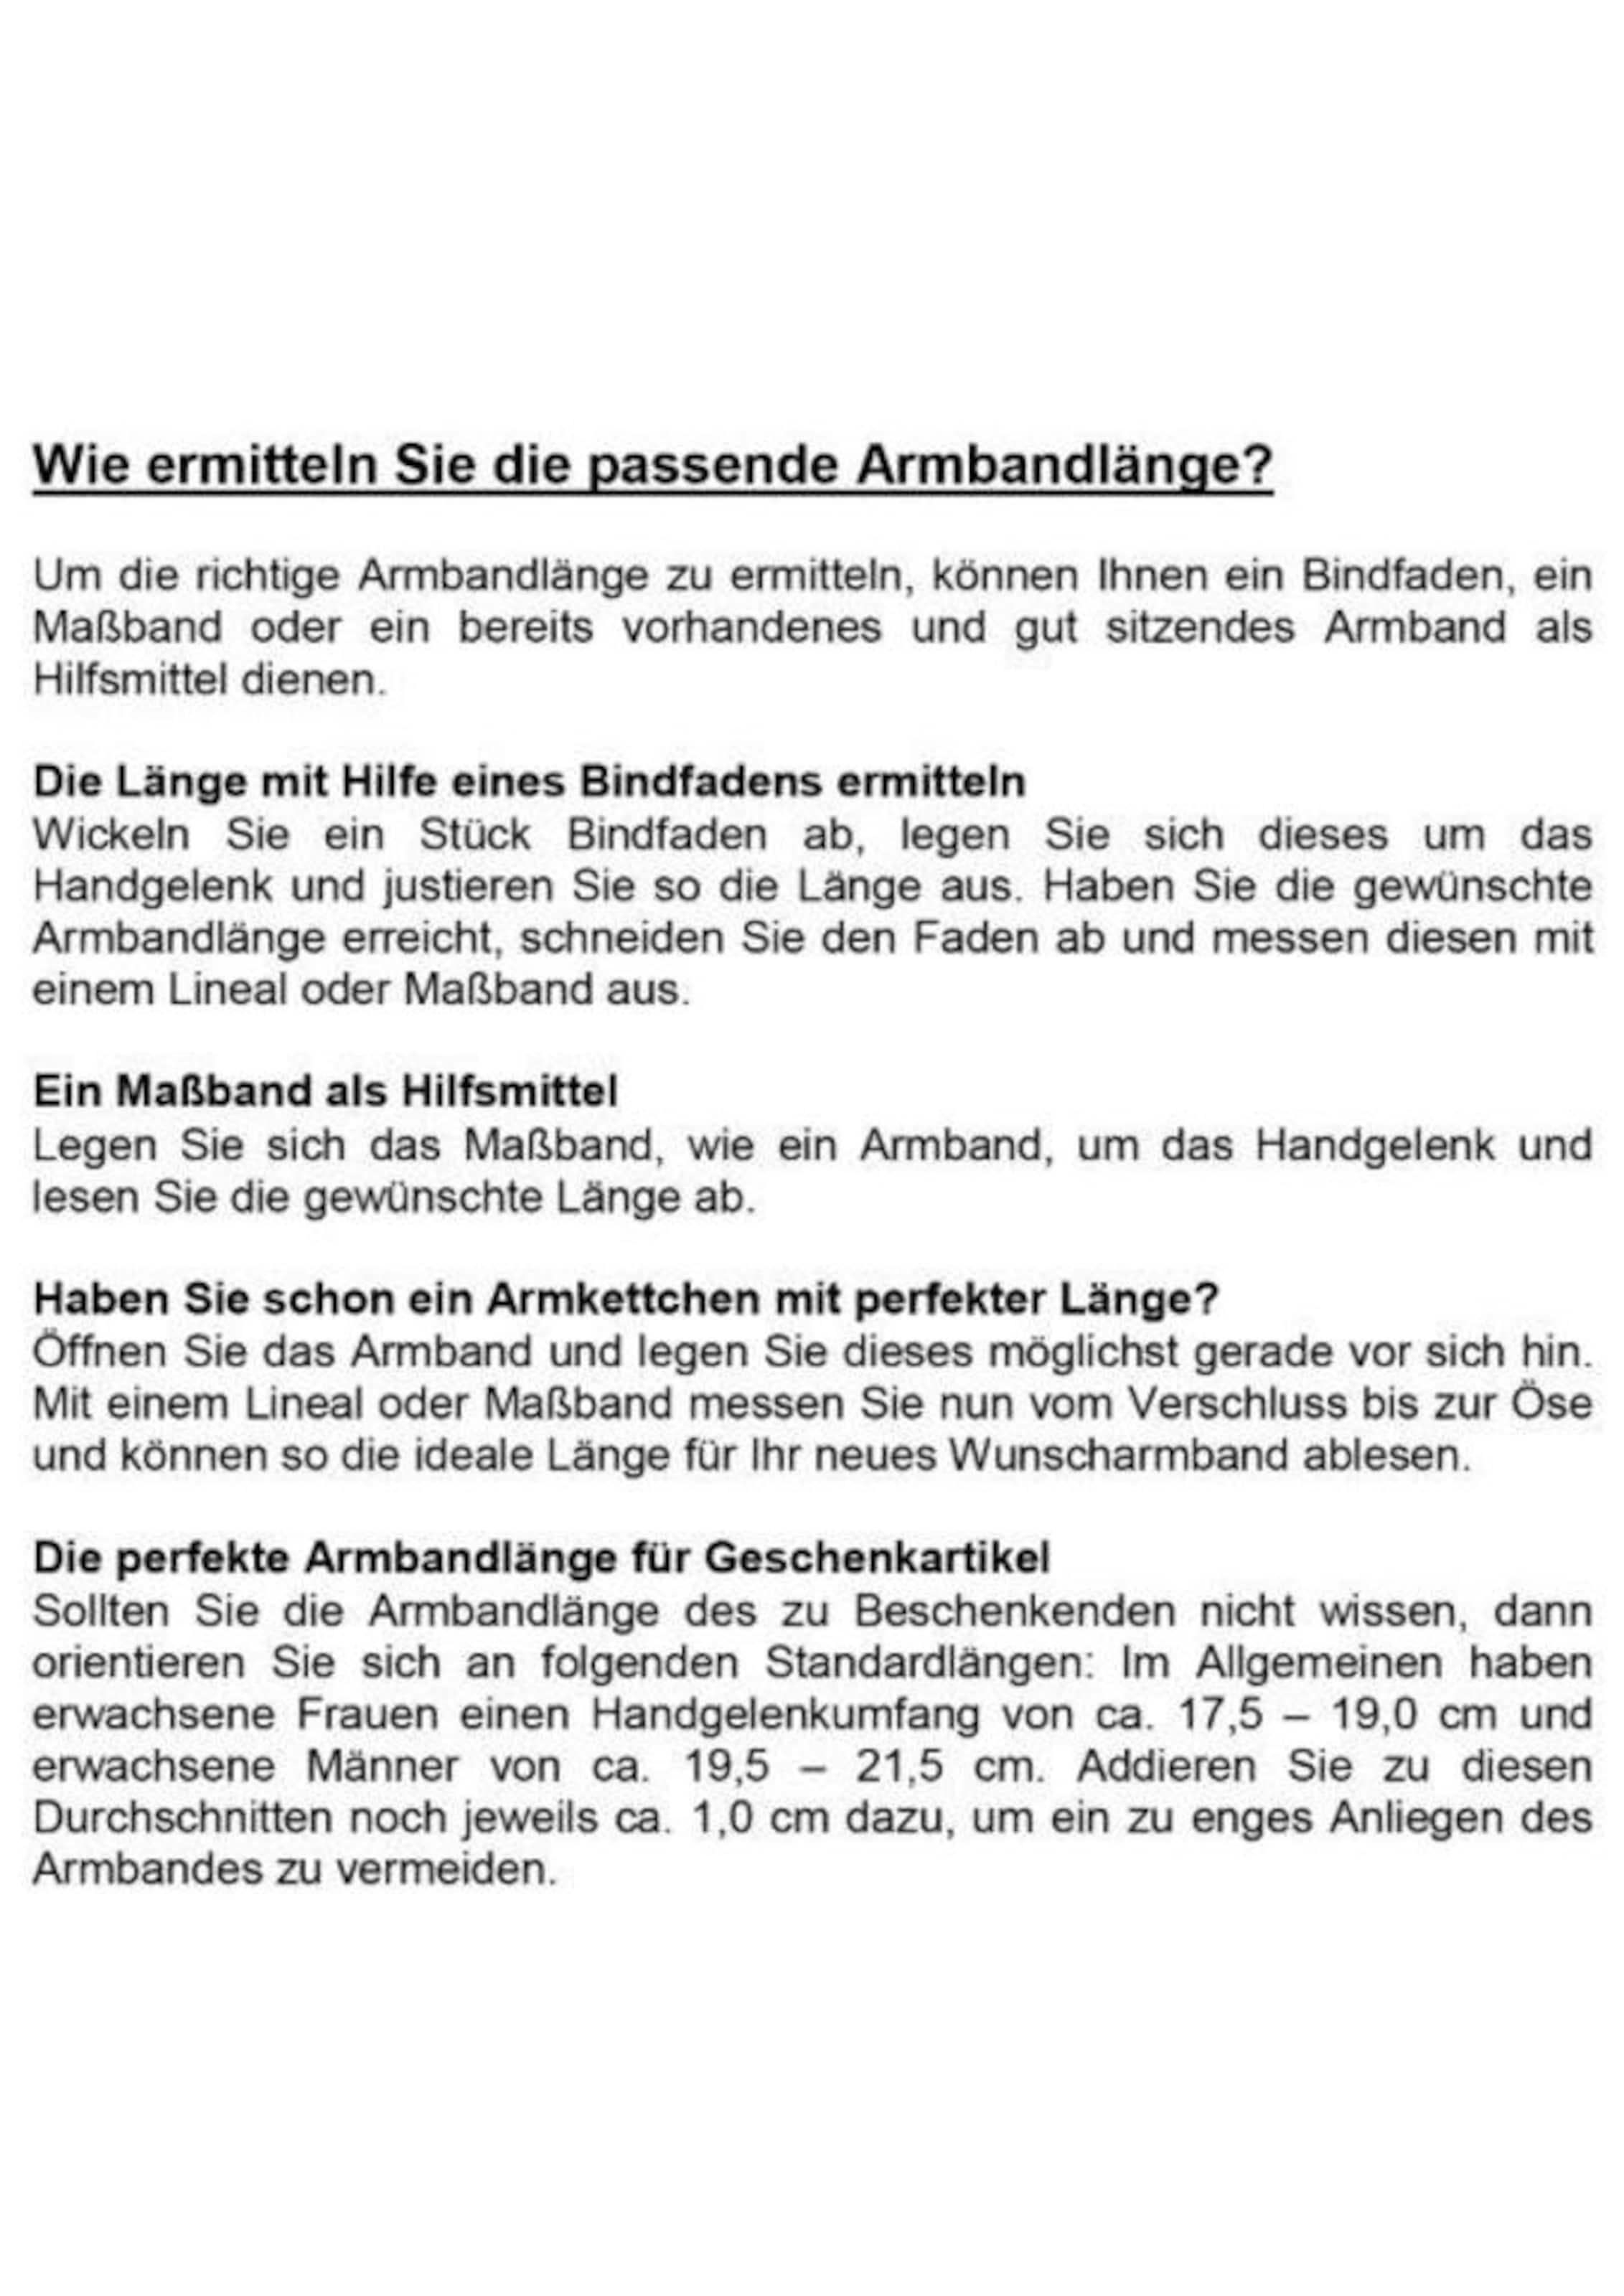 TOMMY HILFIGER Armkette 'Classic Signature' Zum Verkauf 2018 Kaufen Günstig Online Spielraum Günstiger Preis 84pWq